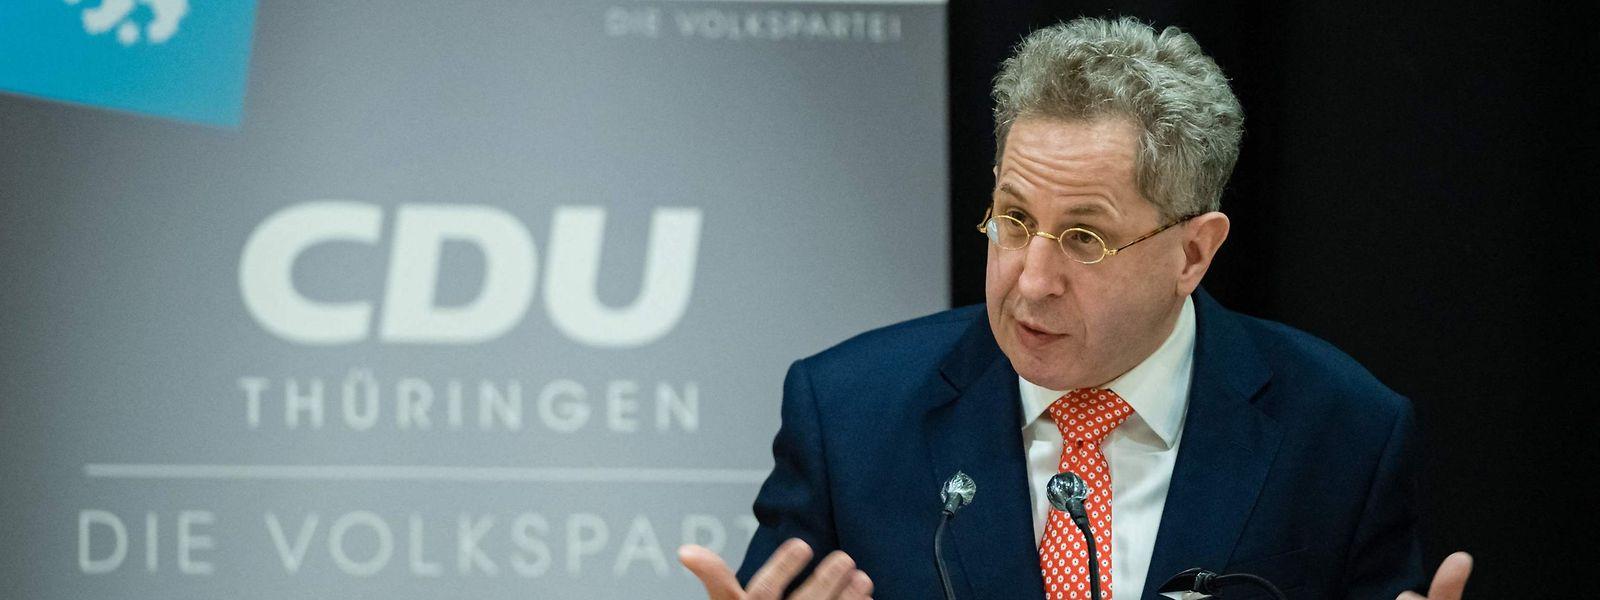 Hans-Georg Maaßen soll für die CDU Südthüringen bei der Bundestagswahl antreten.